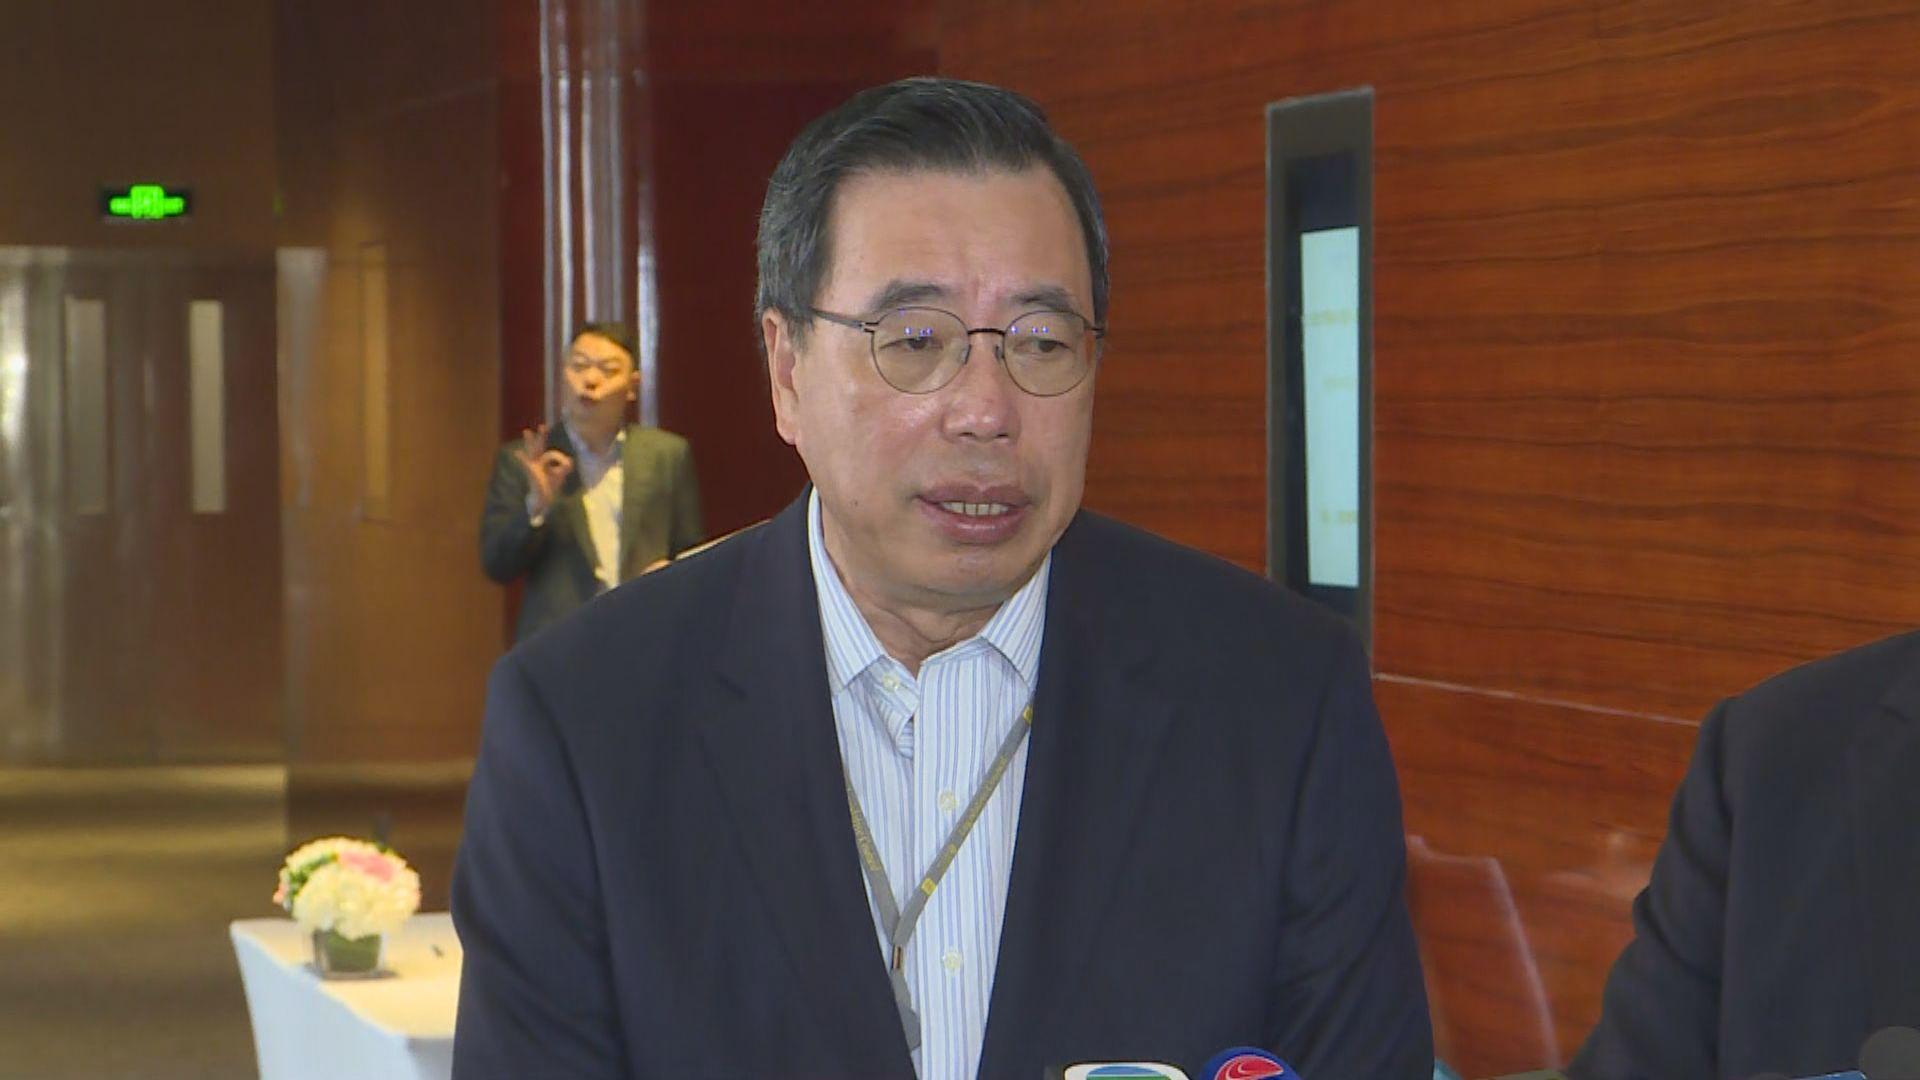 梁君彥:無與黃柳權討論過逃犯條例事宜